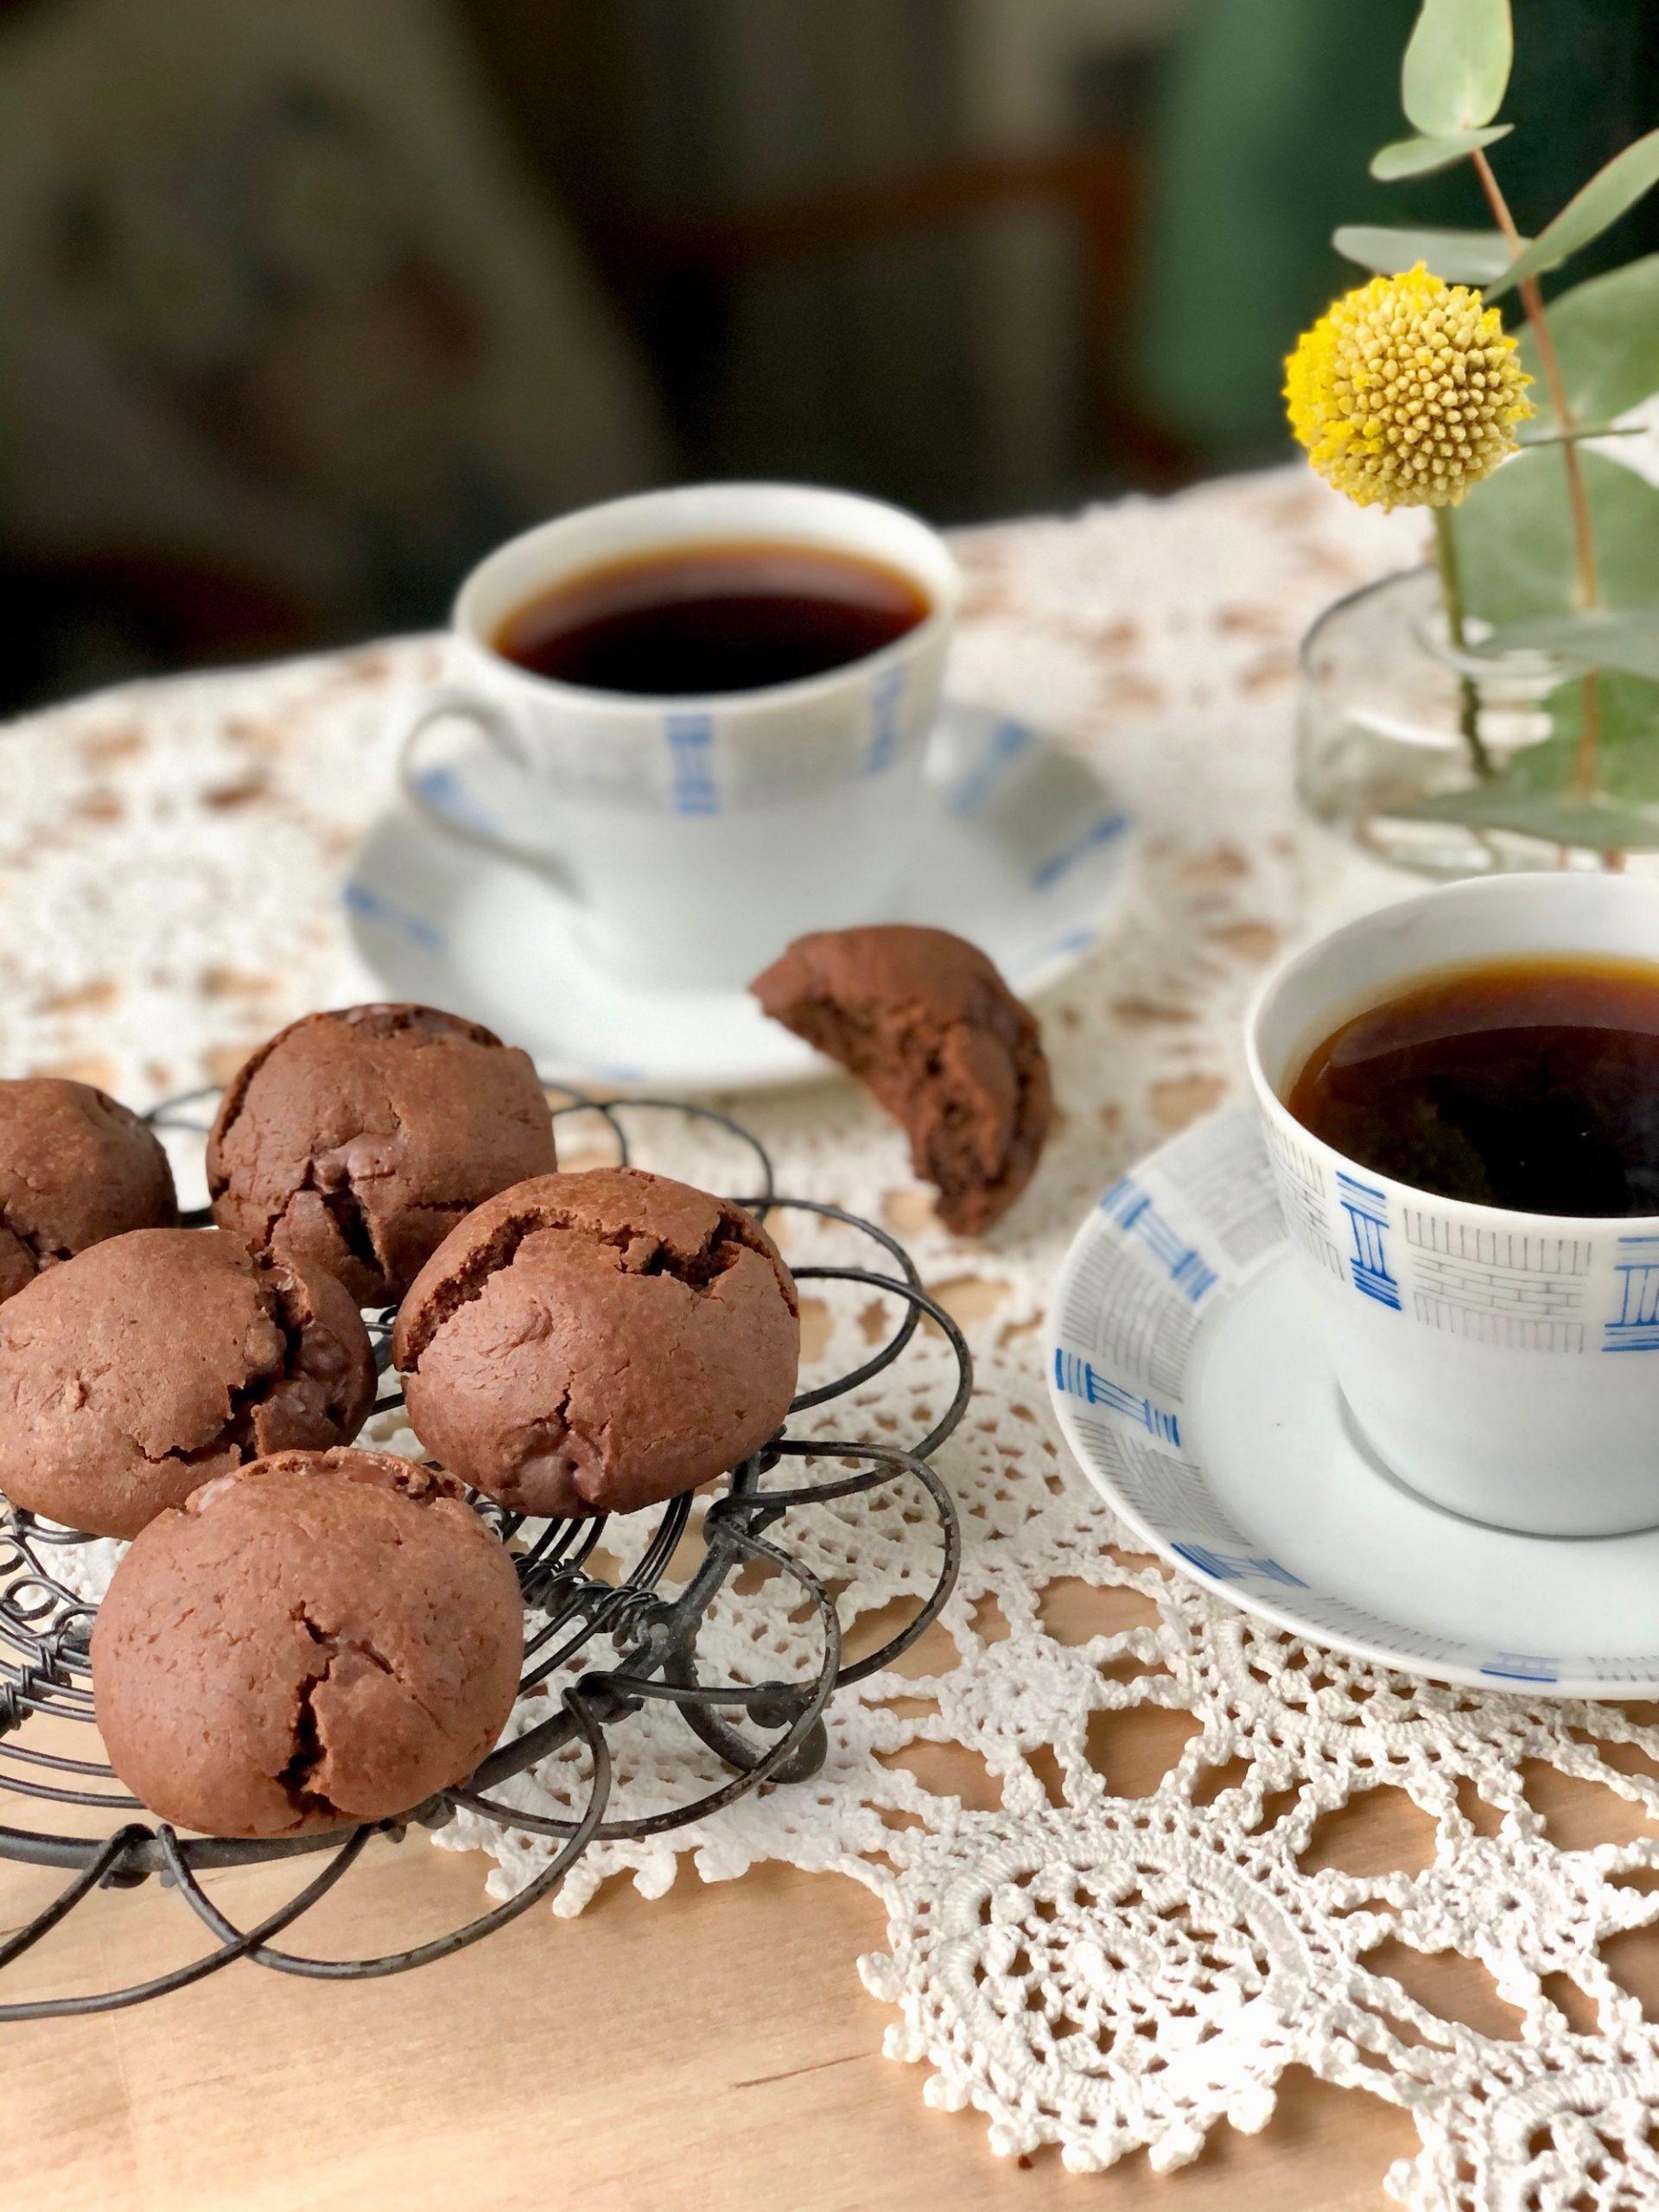 Gofika uppdukat med Chokladdrömmar till kaffet